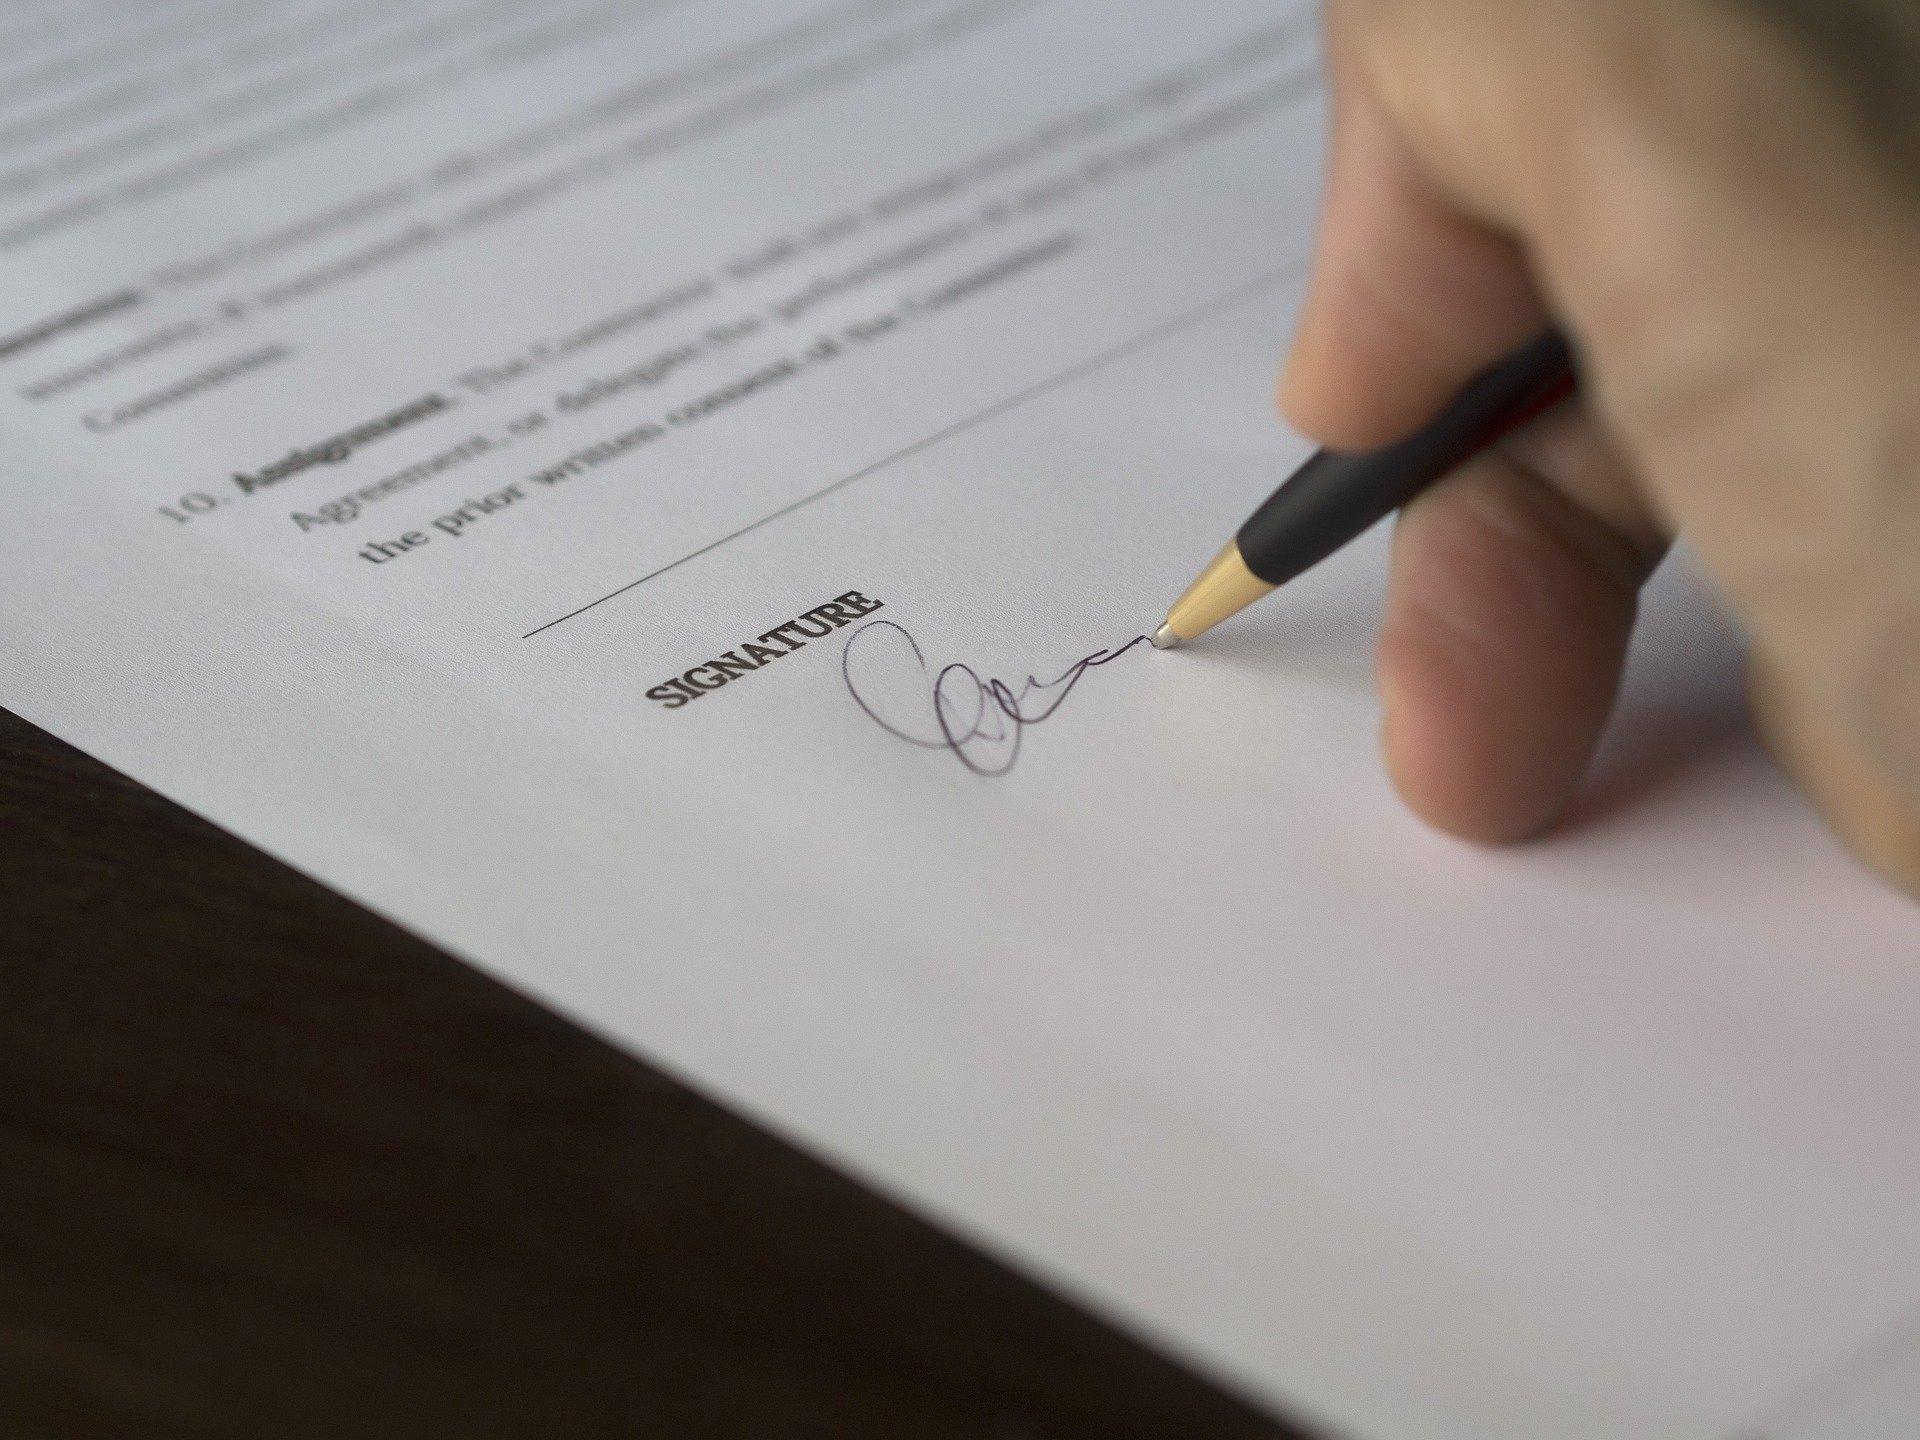 Fnac Darty : PGE remboursé dès avril 2021 et retour du dividende